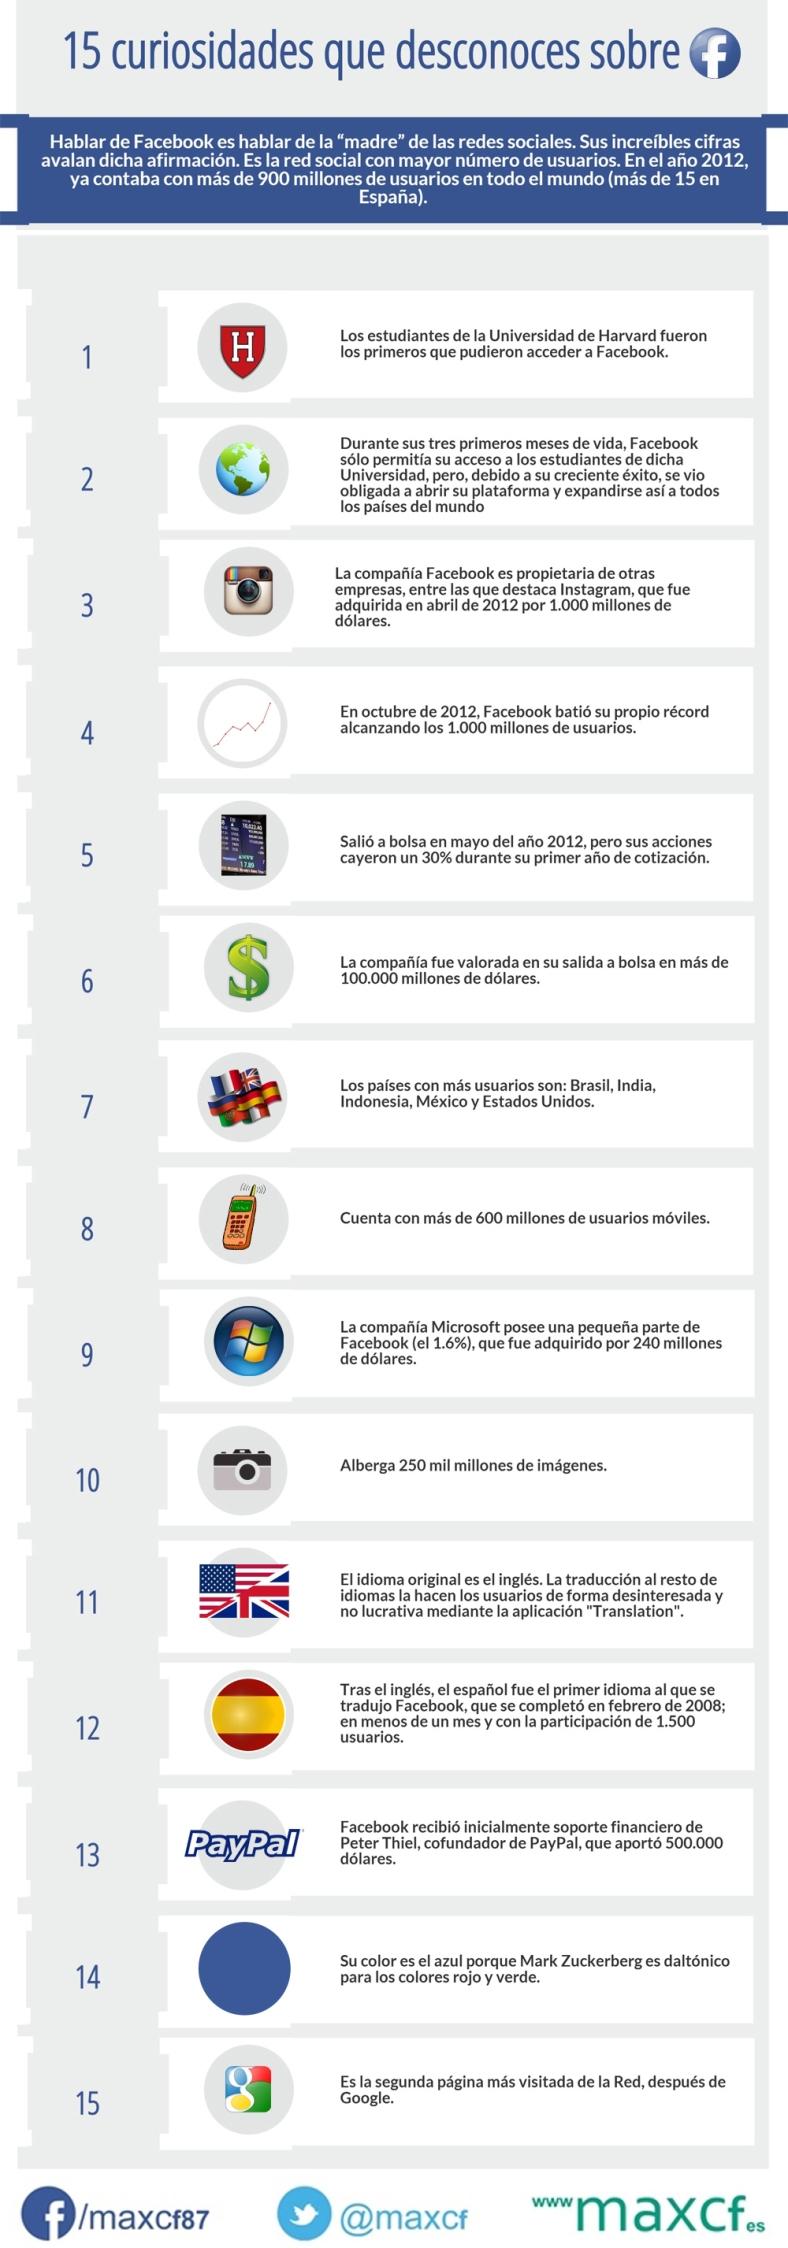 infografía 15 curiosidades facebook